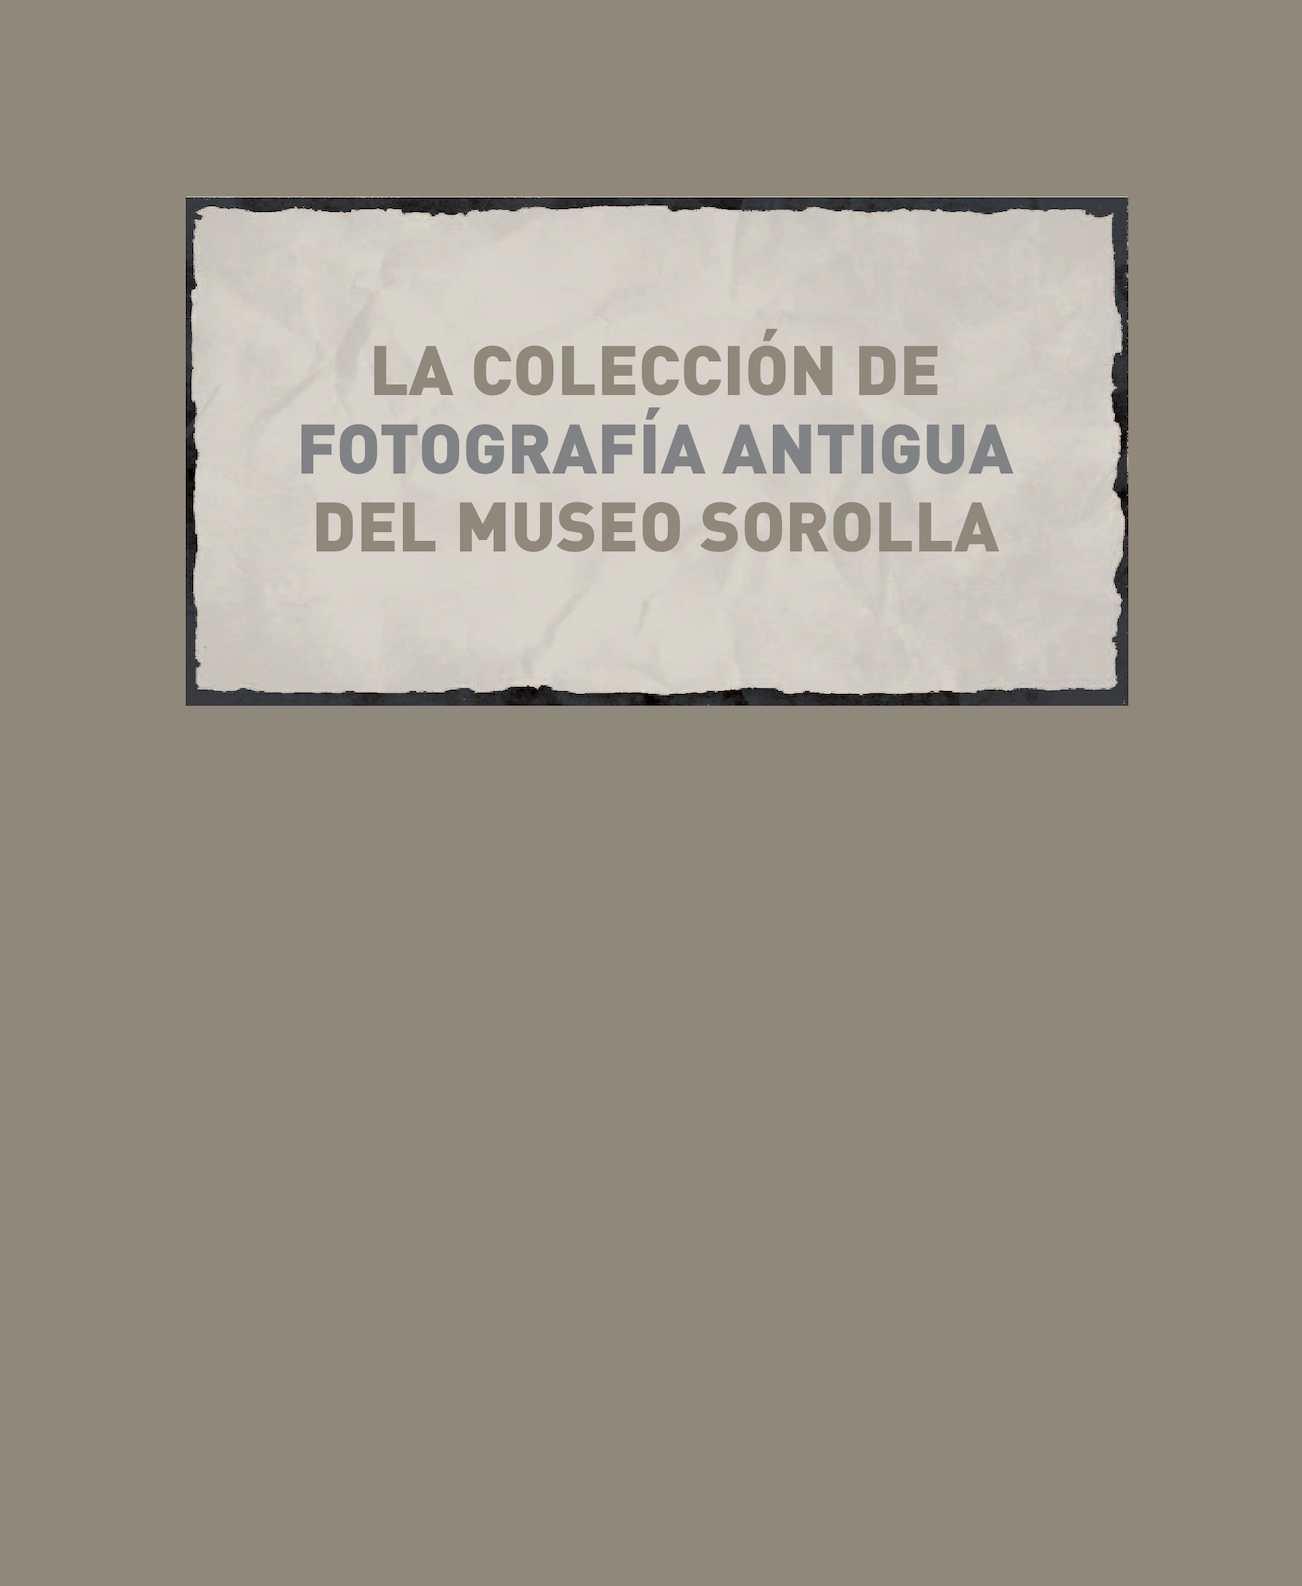 Sorolla Museo Antigua Colección Calaméo La De Fotografía Del dthrCsQ